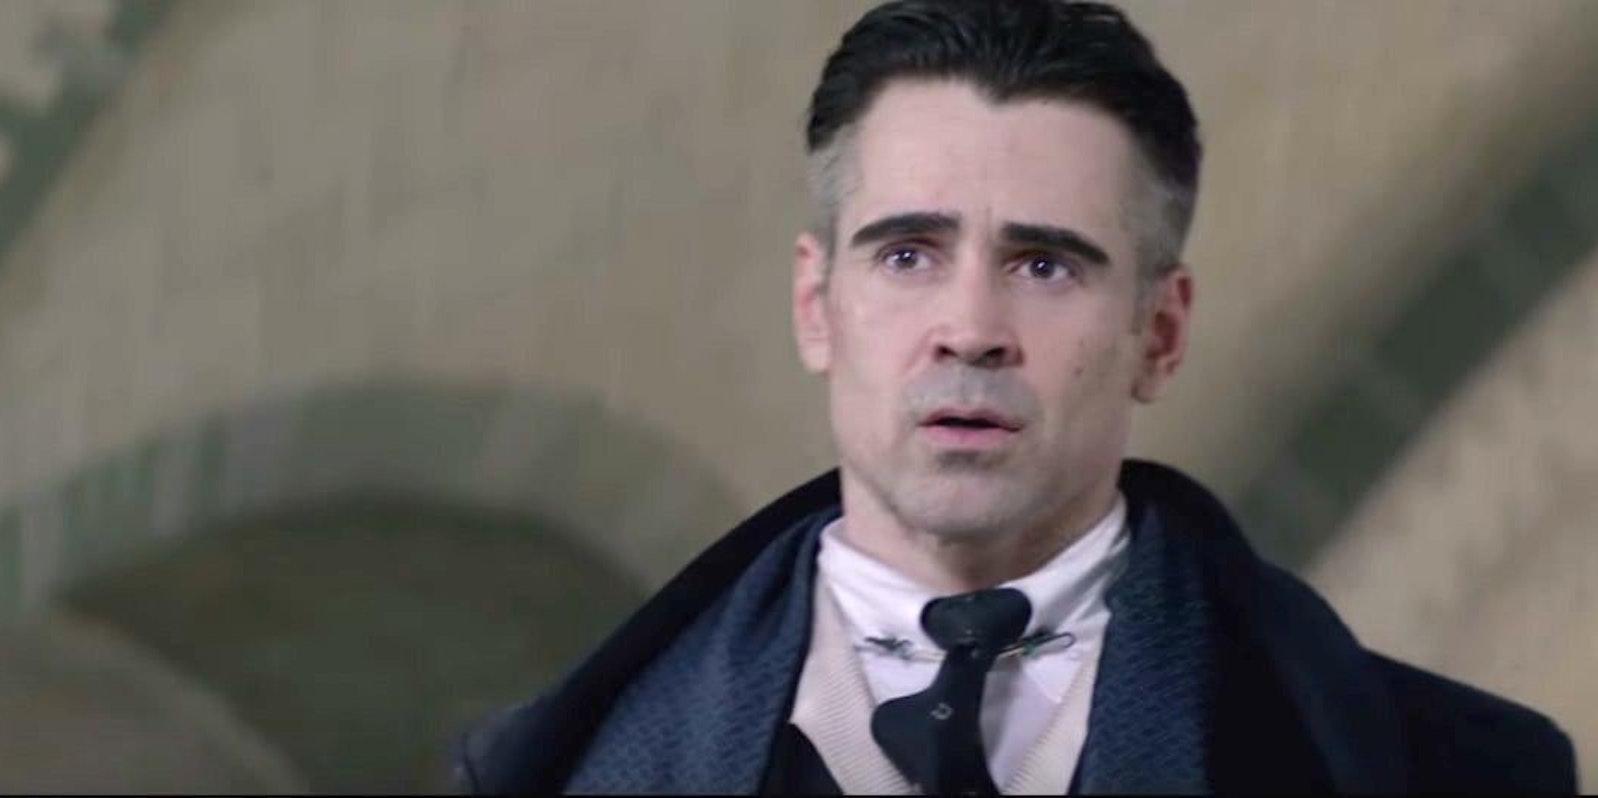 Colin Farrell as Percival Graves